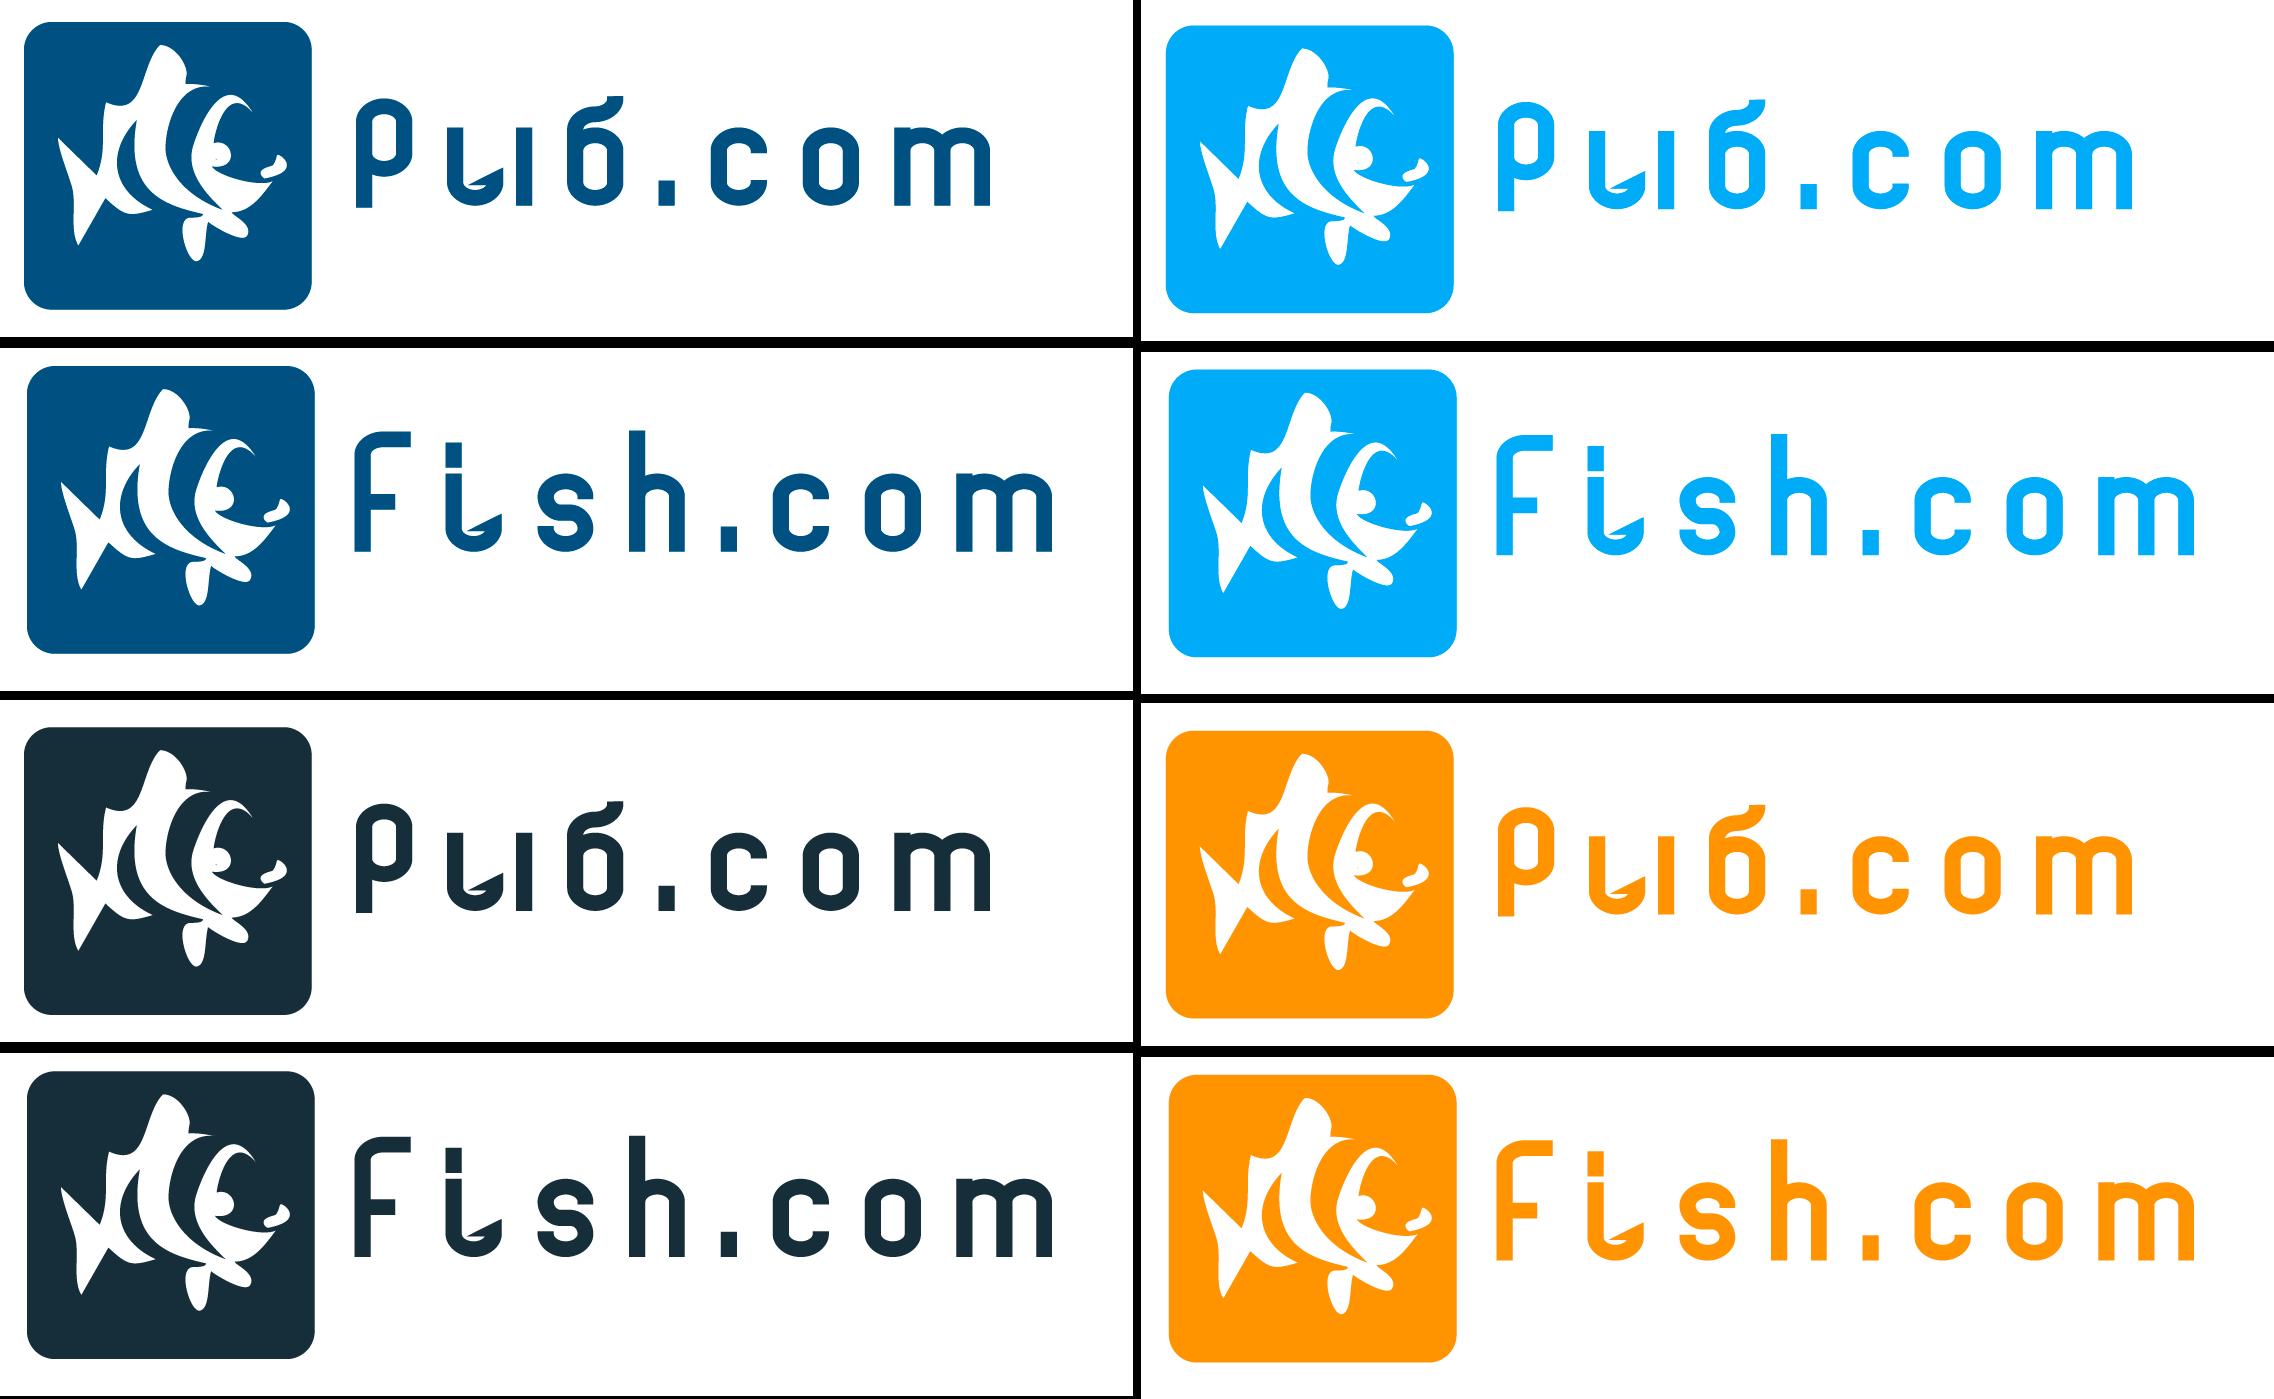 Создание логотипа и брэндбука для компании РЫБКОМ фото f_7095c0ce47ba249e.png